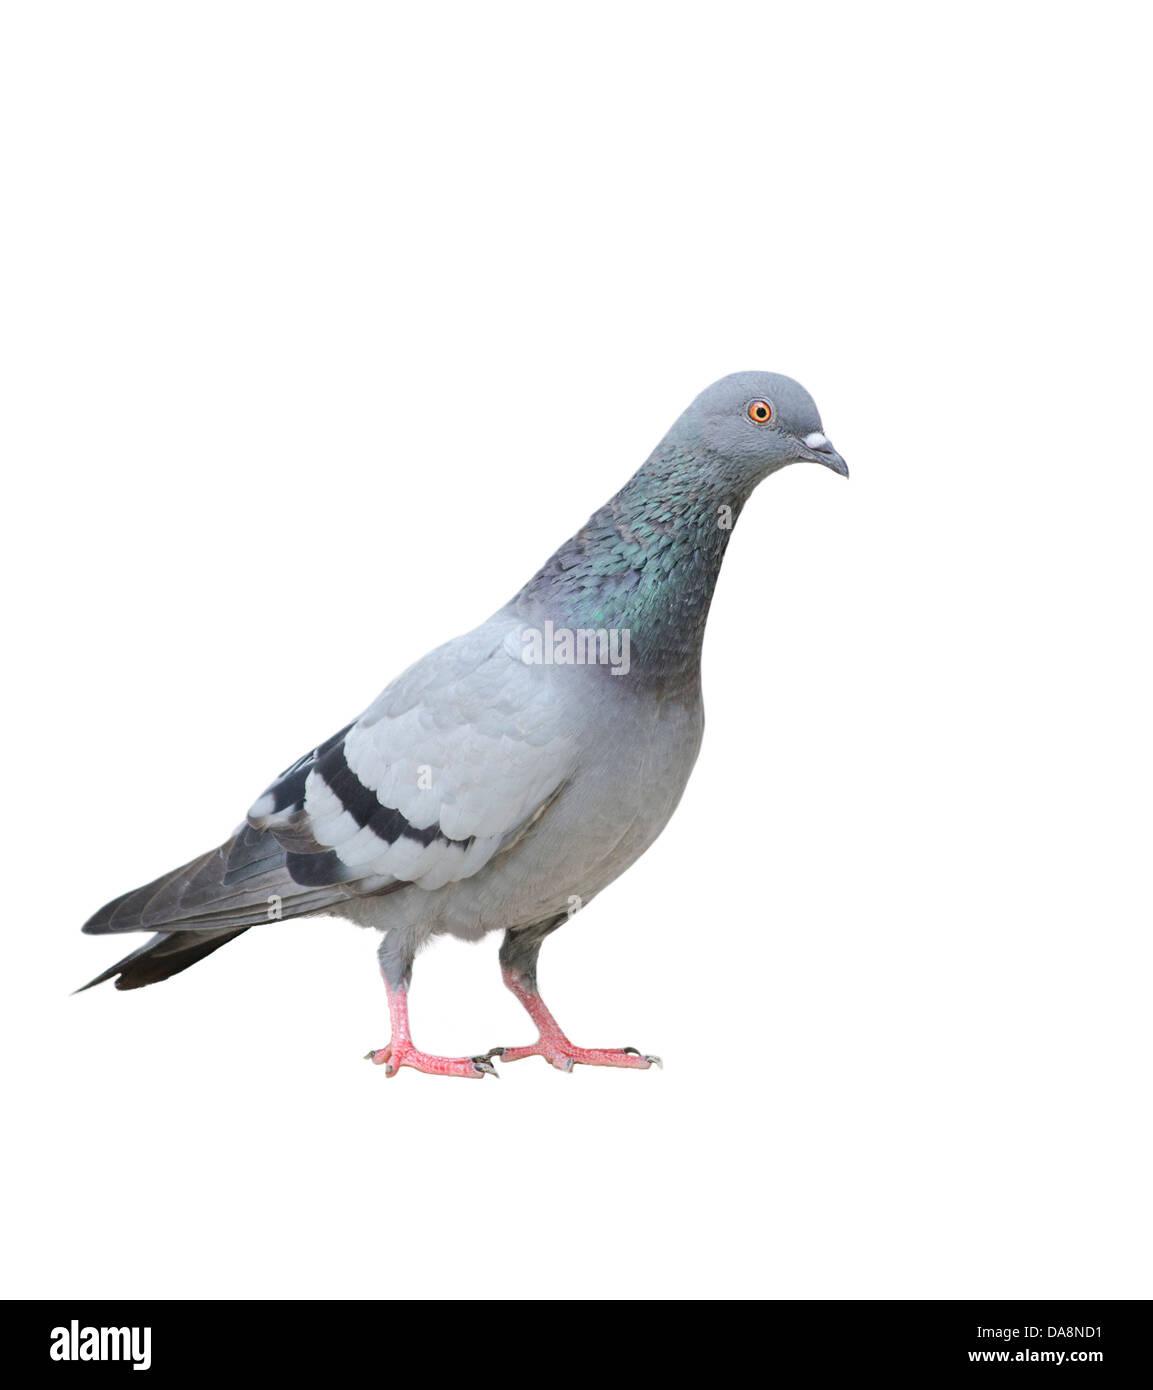 Un piccione contro uno sfondo bianco Immagini Stock